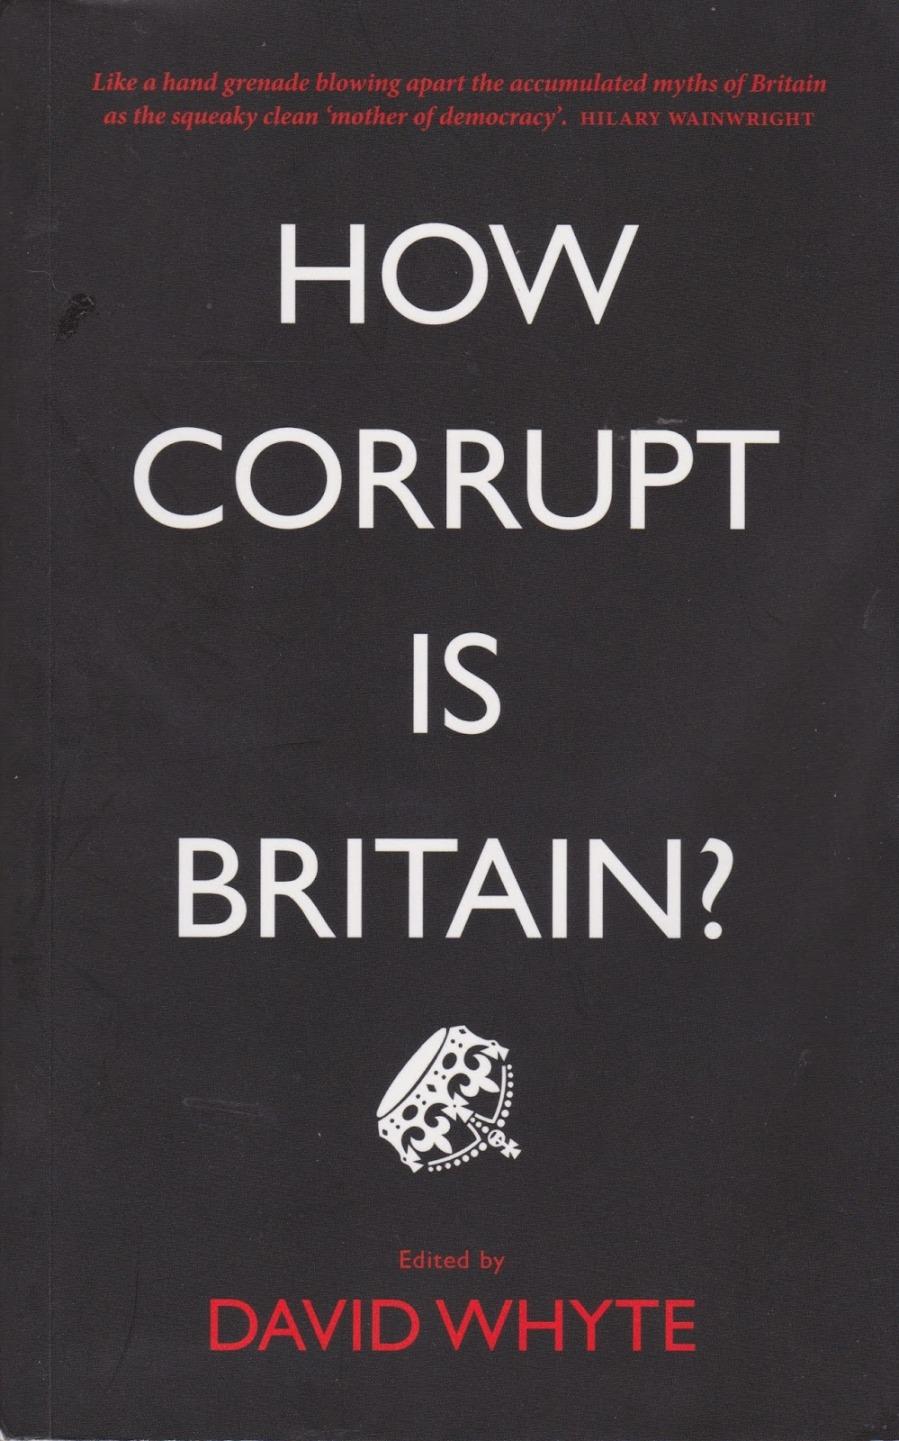 howcorruptisbritaincover